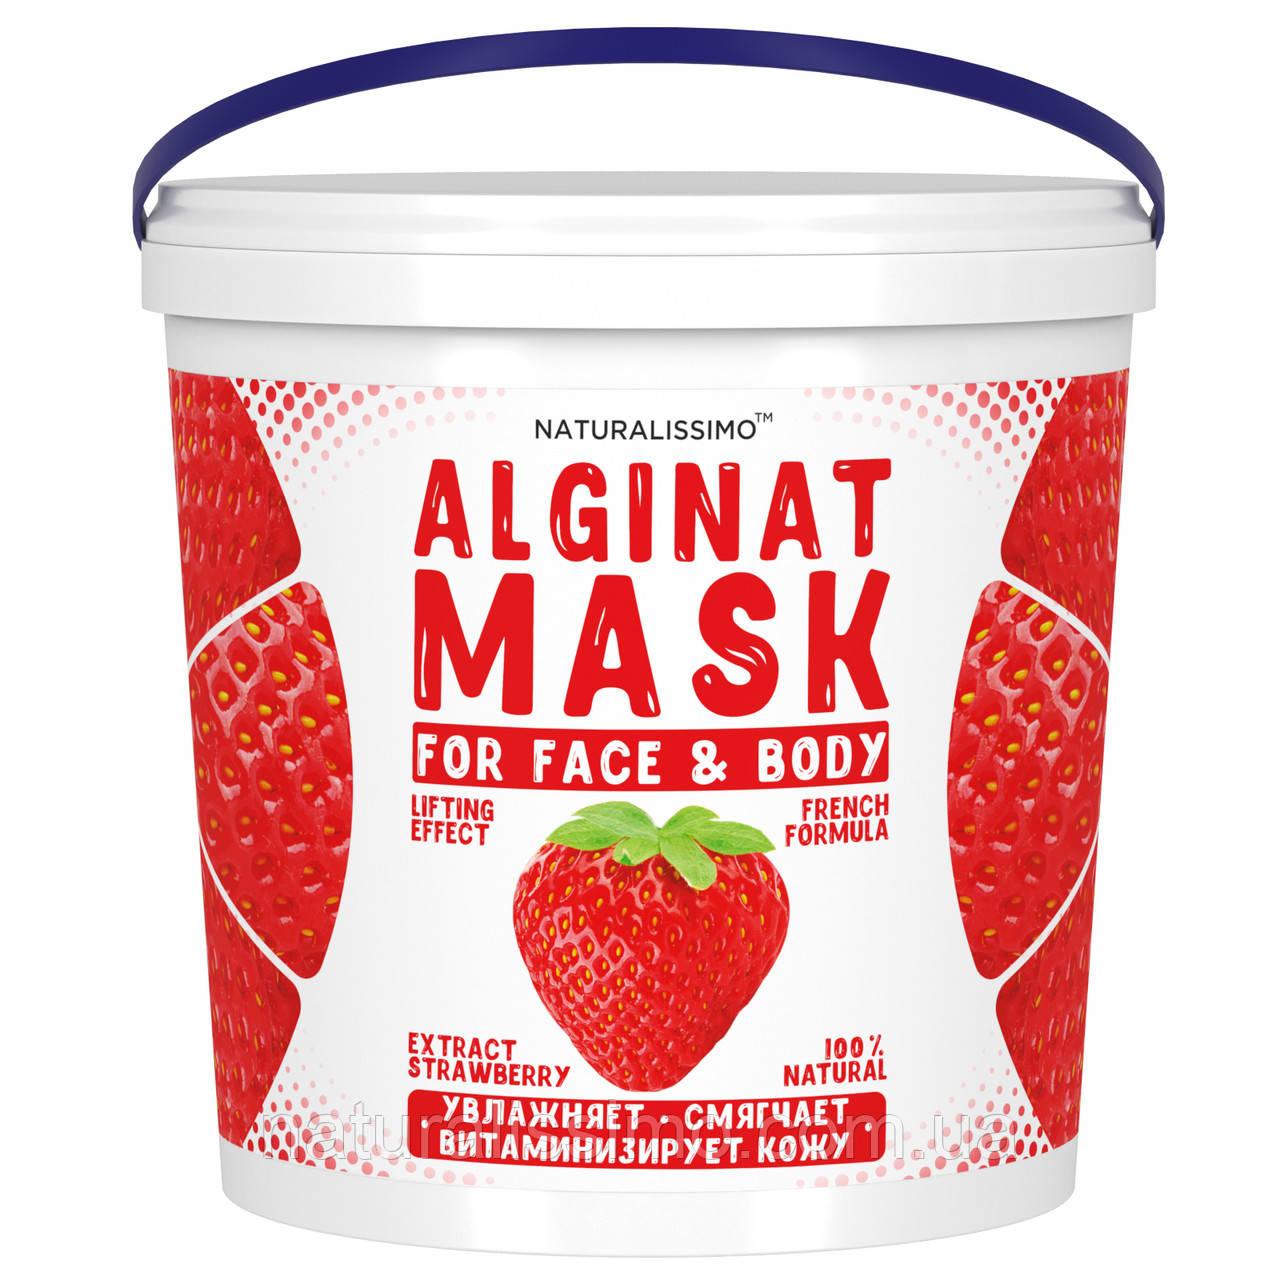 Альгинатная маска с осветляющим эффектом, с клубникой, 1000 г